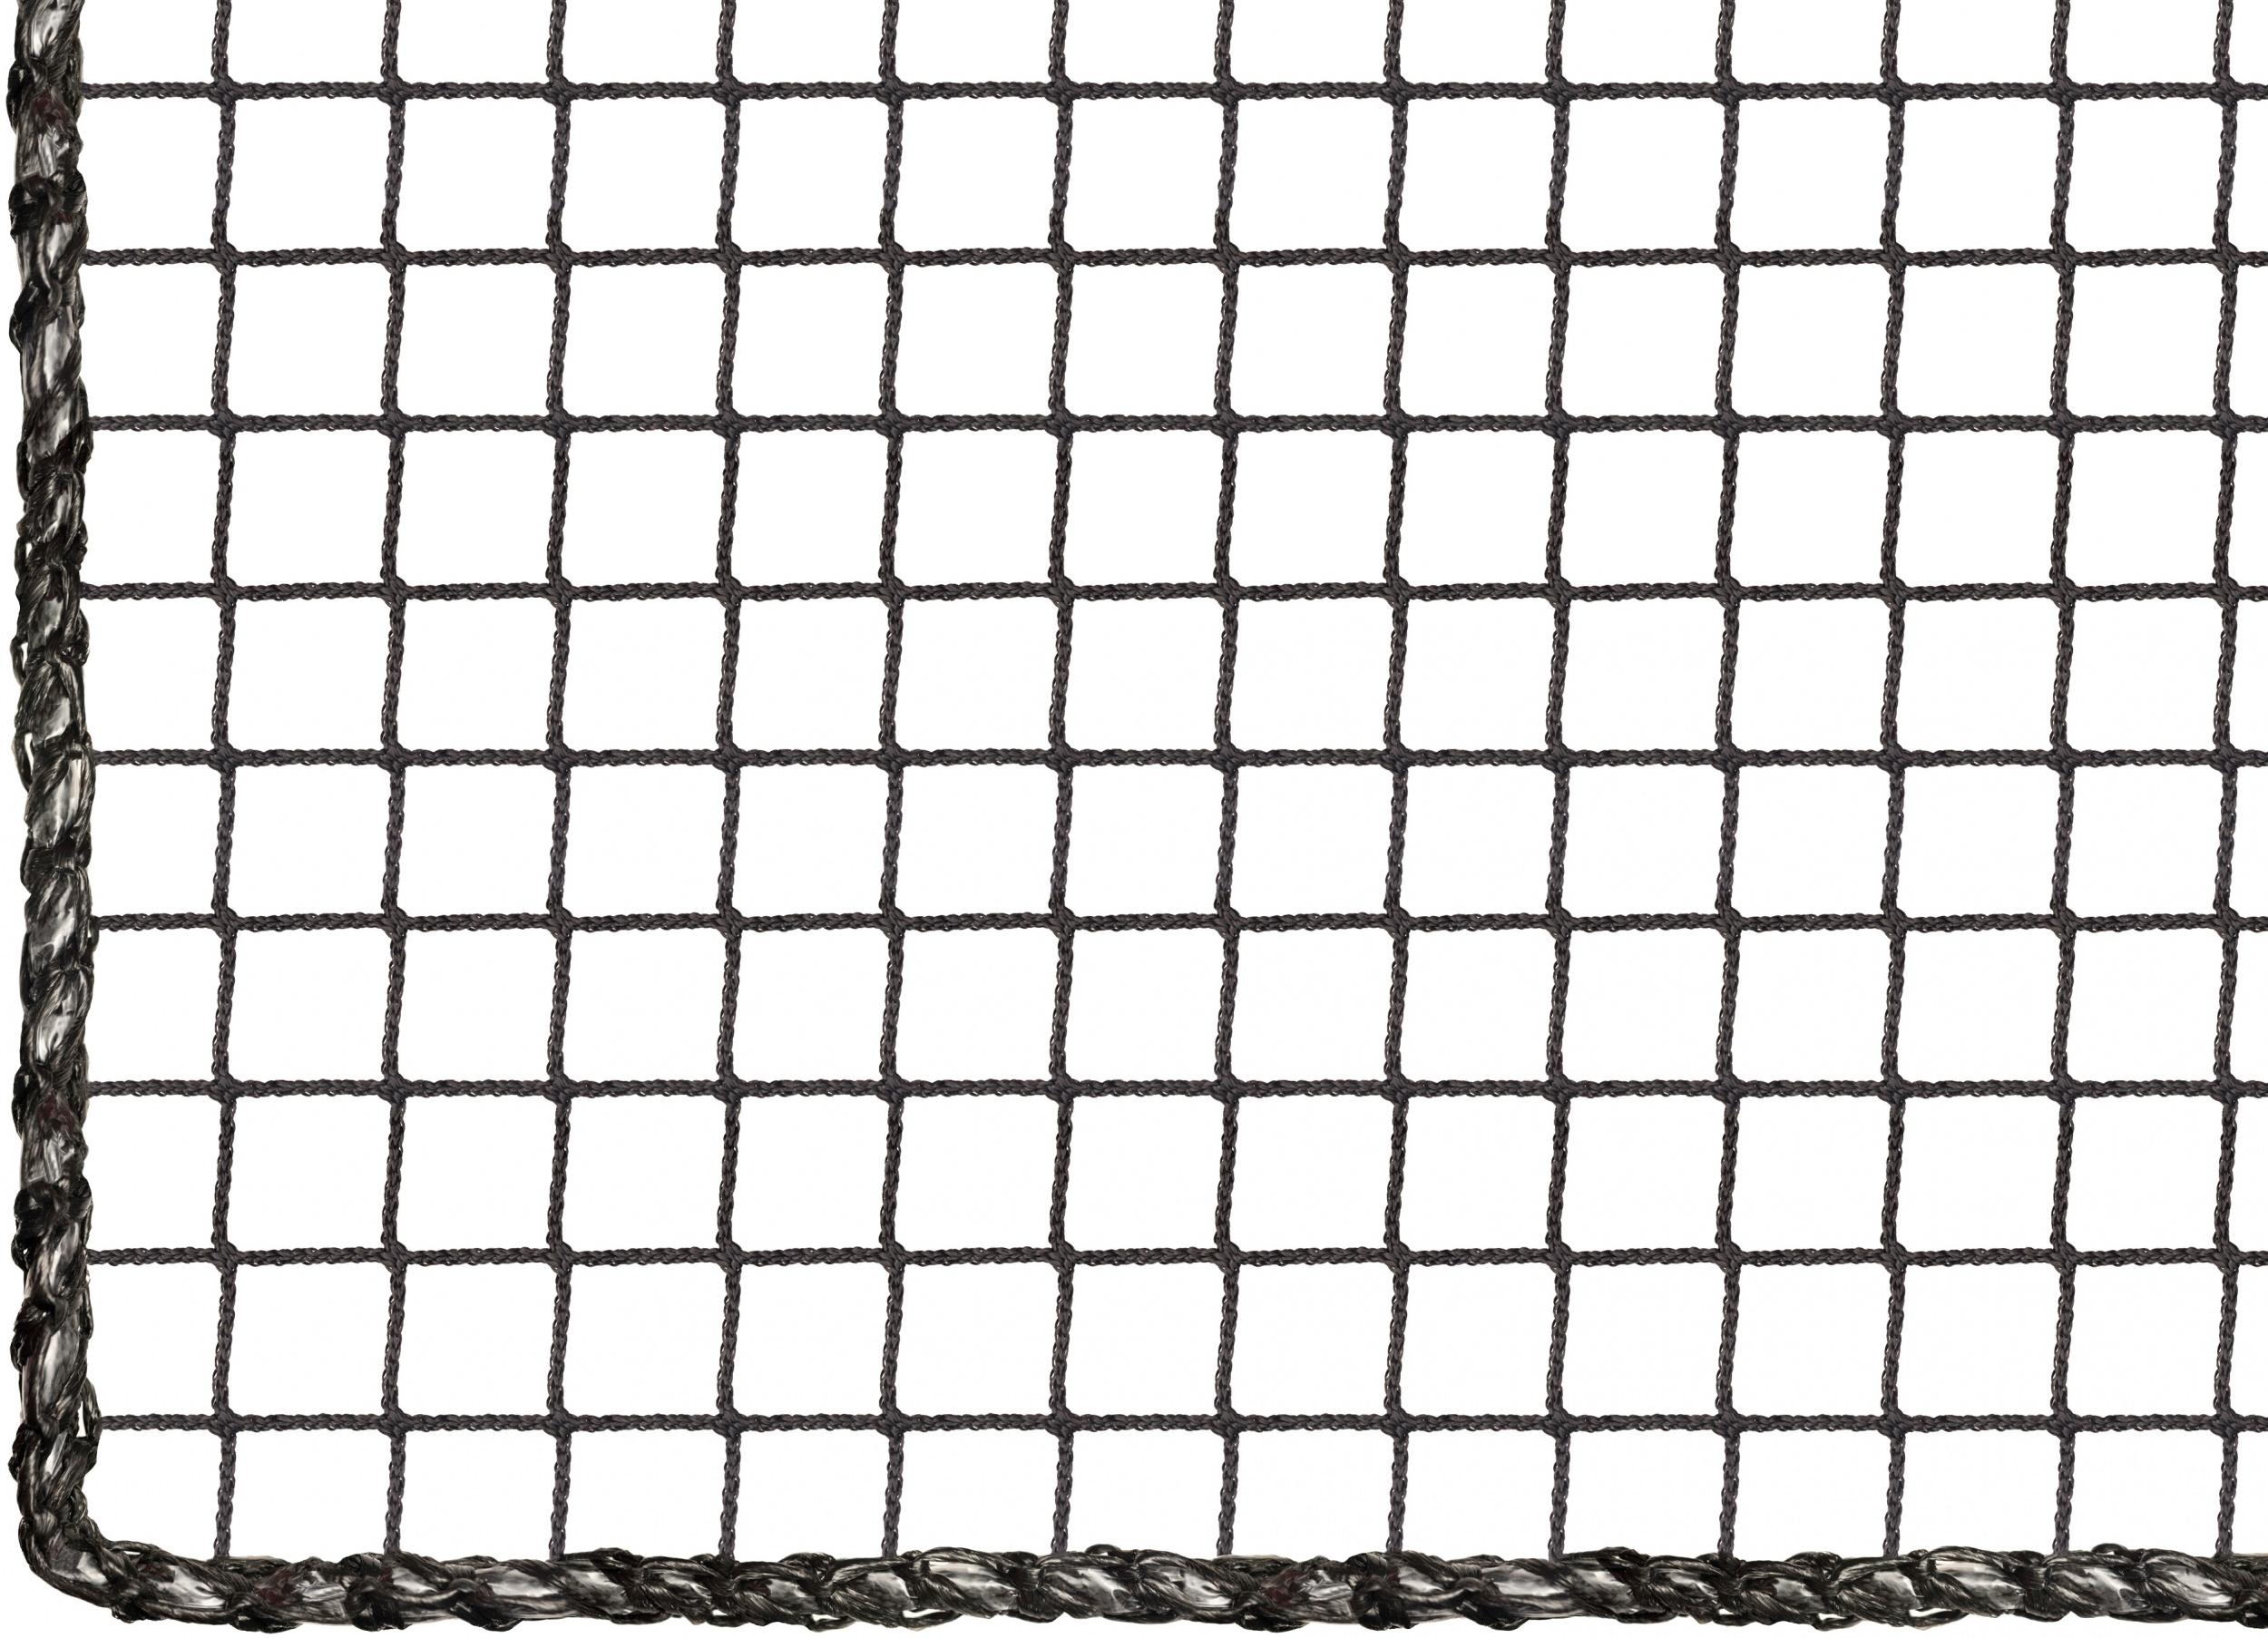 Golfnetz Per M² Nach Maß Schutznetze24